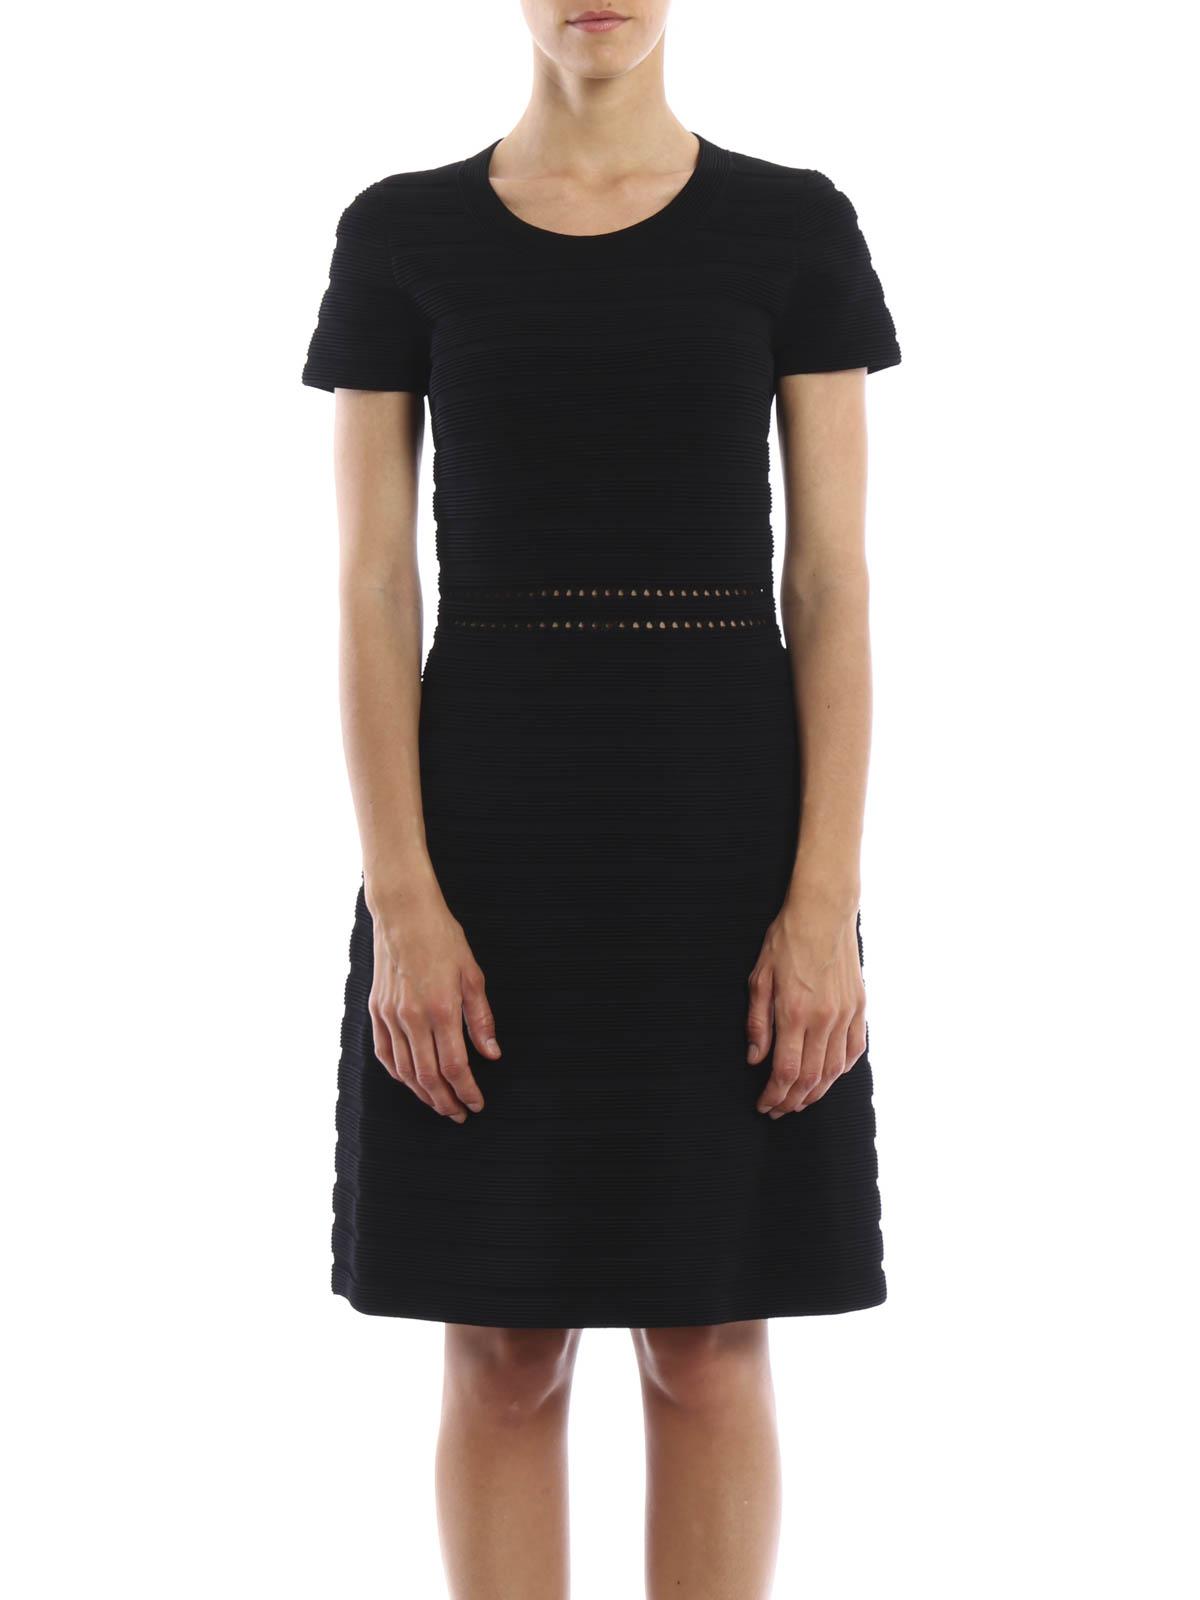 michael kors knielanges kleid schwarz knielange kleider mu68w9e3kk 001. Black Bedroom Furniture Sets. Home Design Ideas